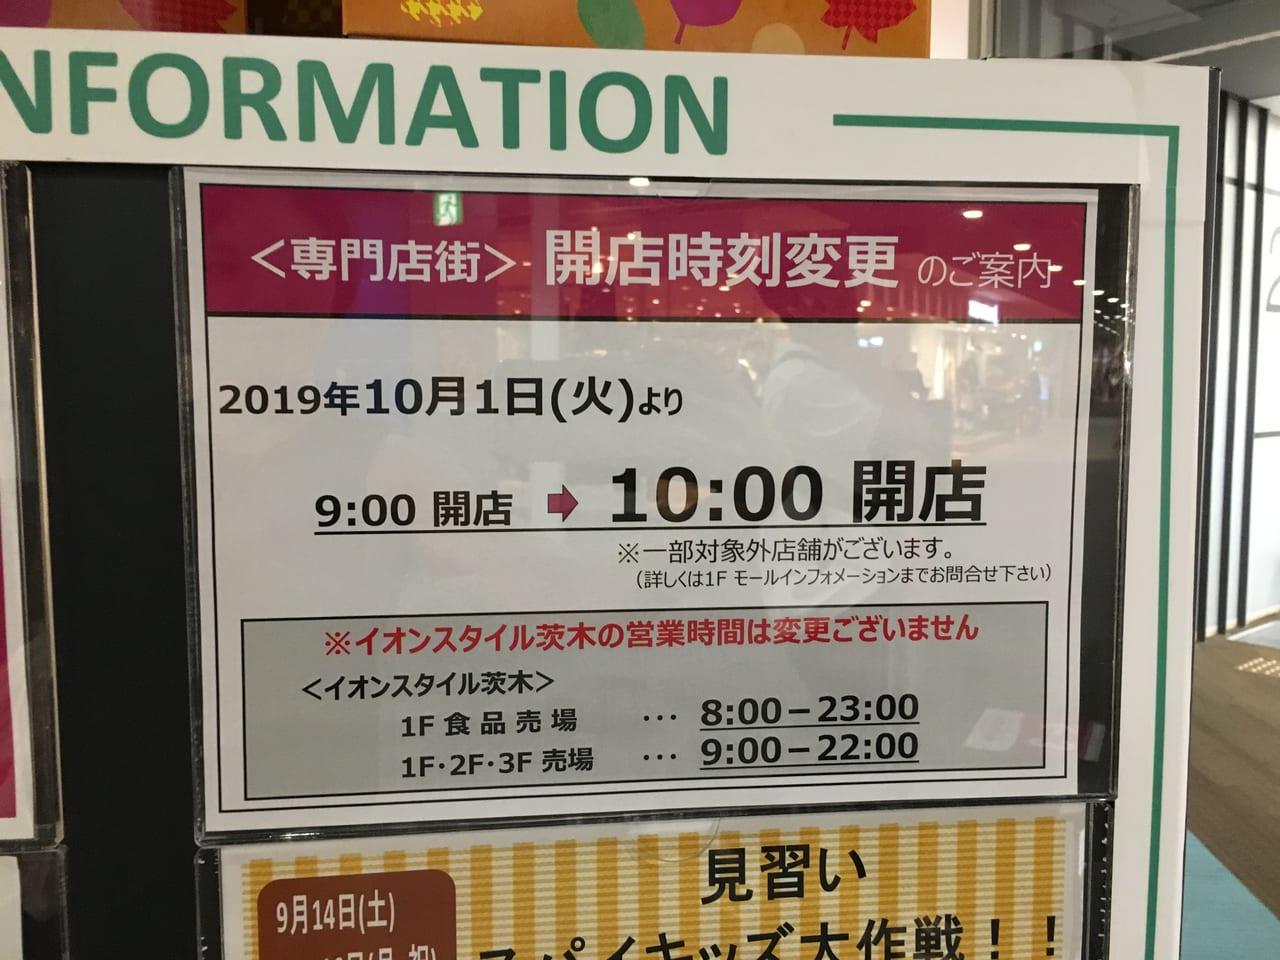 イオン開店時間変更